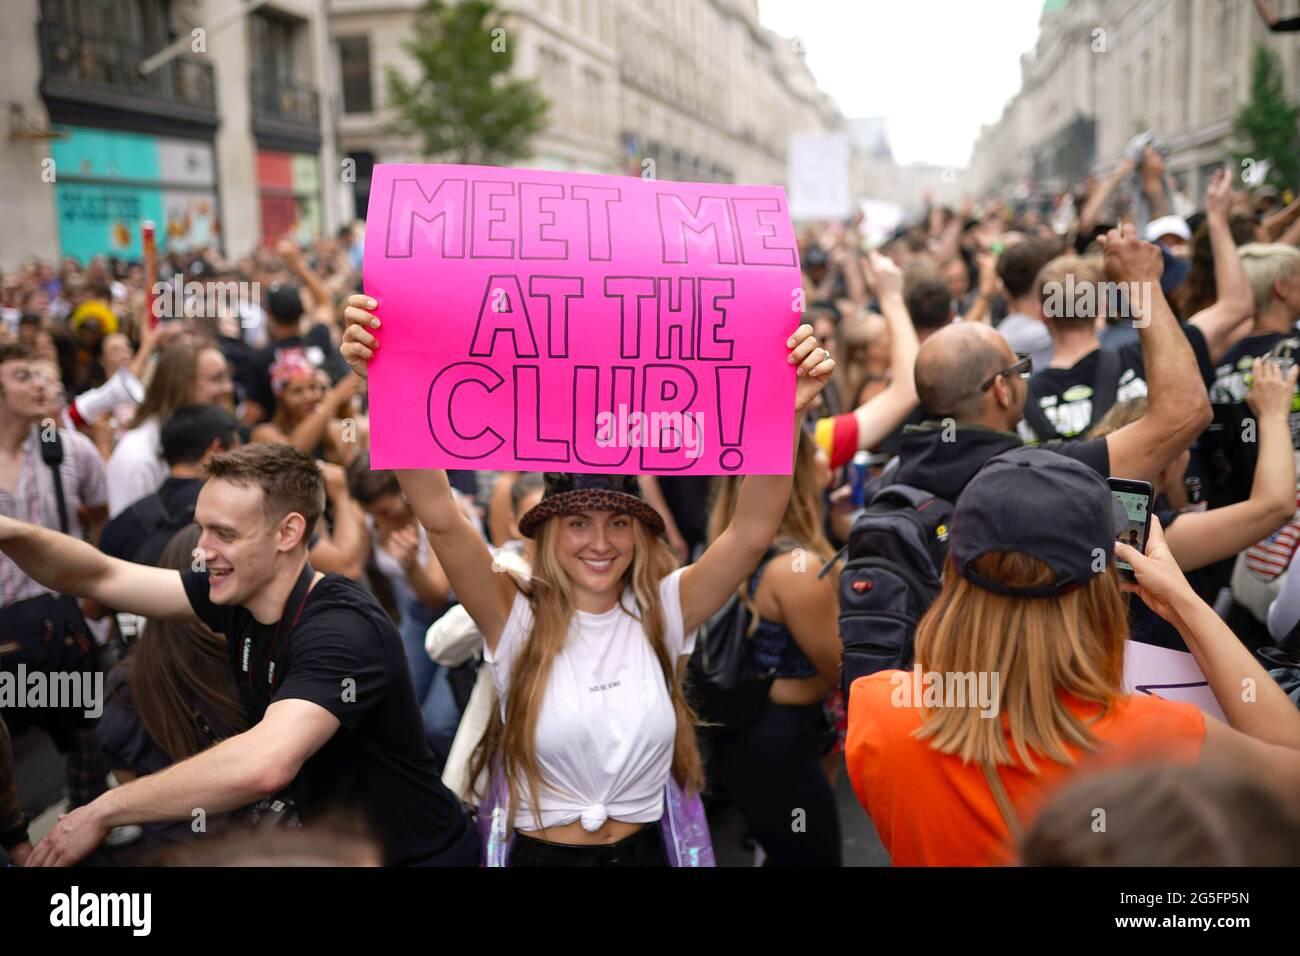 Während eines von Save Our Scene organisierten #FreedomToDance marsches laufen die Menschen entlang der Regent Street im Zentrum Londons, um gegen die vermeintliche Missachtung der Live-Musik-Industrie durch die Coronavirus-Pandemie durch die Regierung zu protestieren. Bilddatum: Sonntag, 27. Juni 2021. Stockfoto